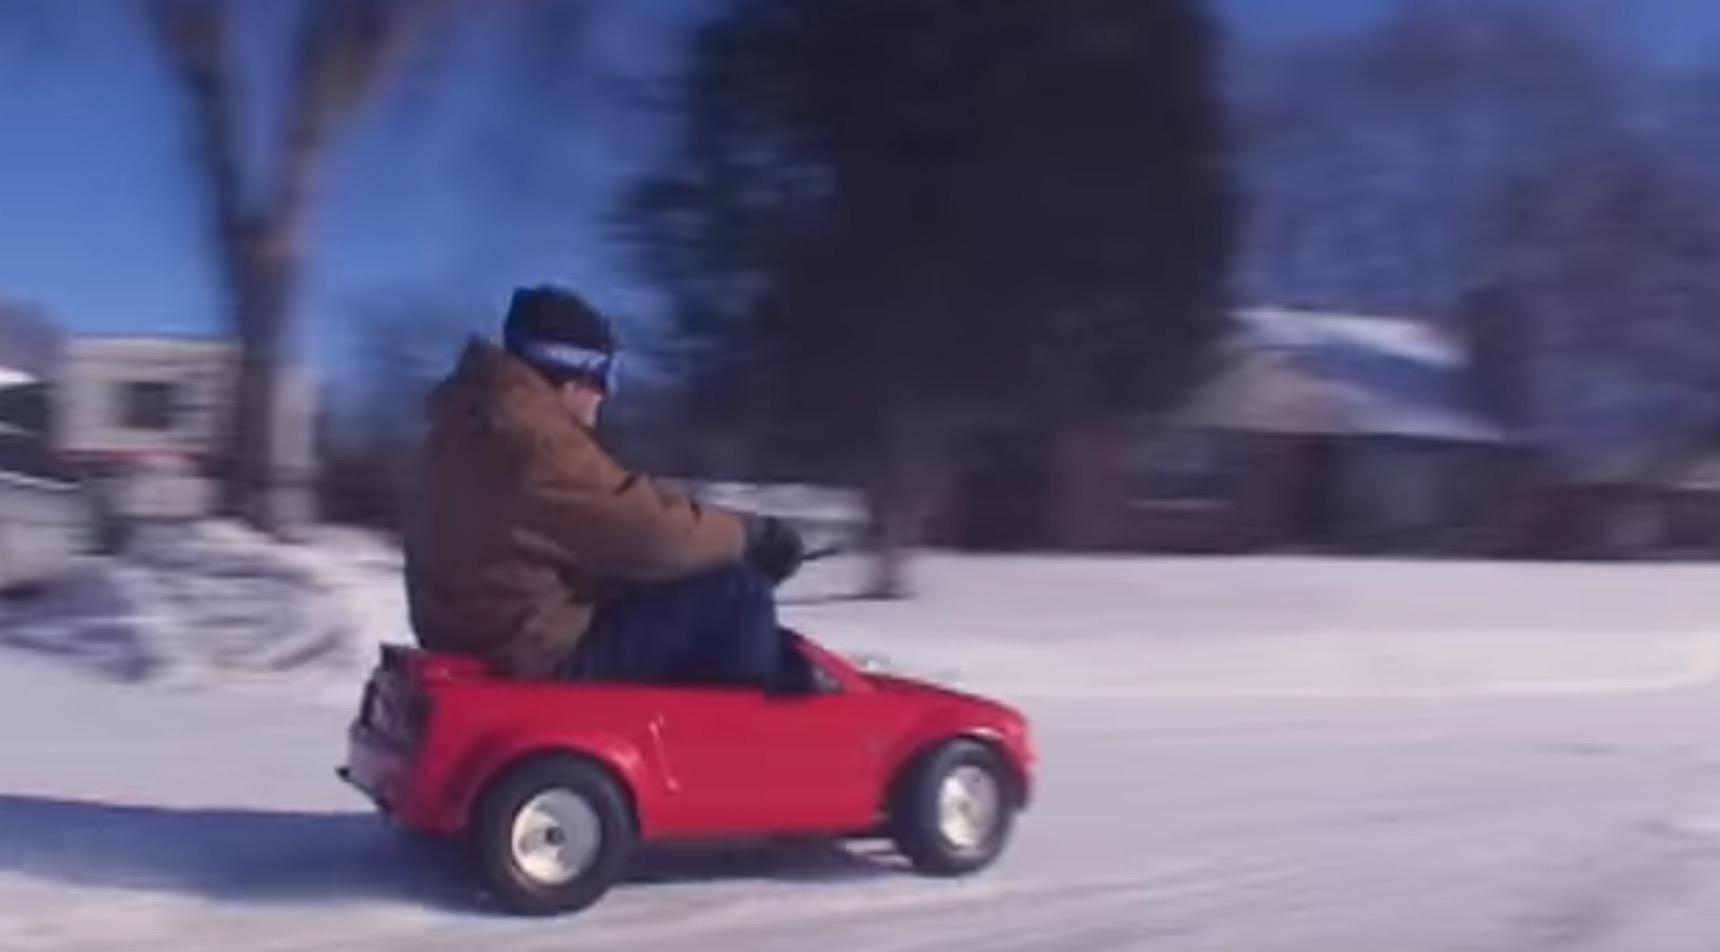 おもちゃの車にエンジン載せて雪上ドリフト!子供心を忘れない心意気がナイス!